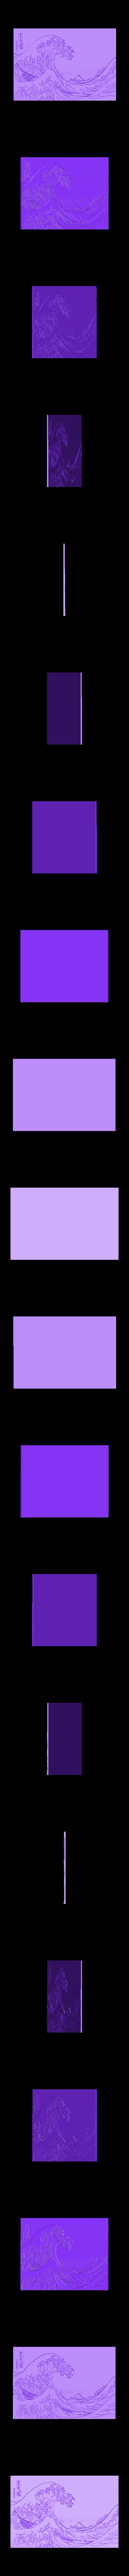 39638e95 16fc 43b4 a19c 5ff7fc36dd1a